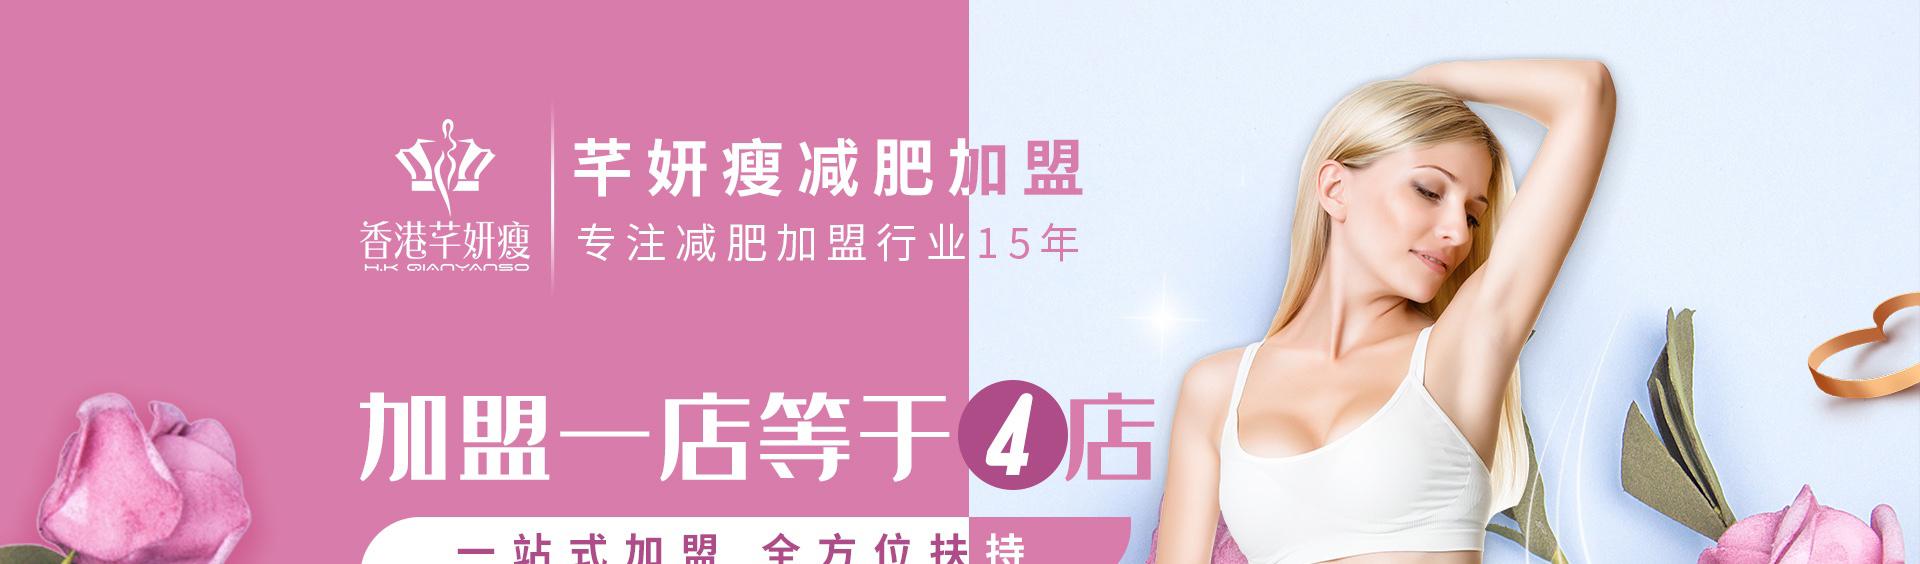 香港芊妍瘦PC_01